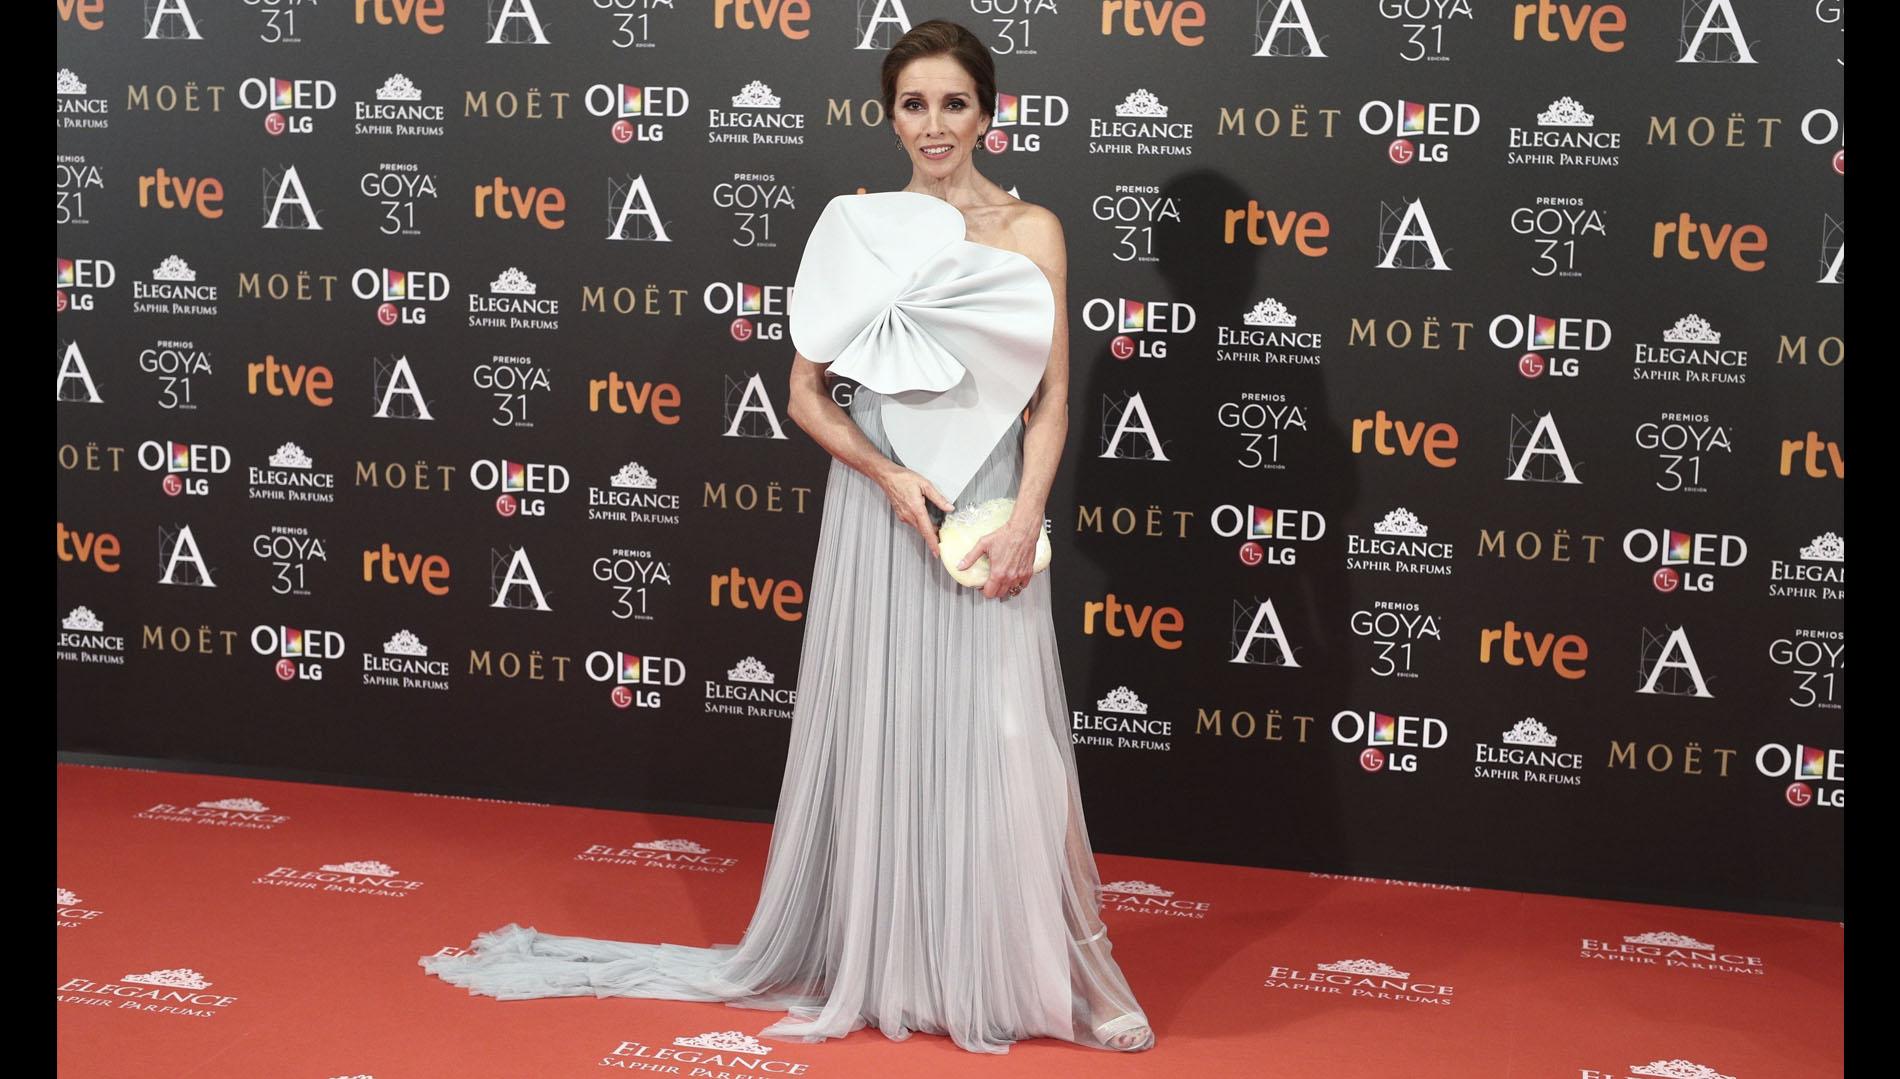 Ana Belén es la Goya de Honor de esta edición de los premios. La actriz y cantante asistió a la gala con un diseño de Delpozo firmado por Josep Font.